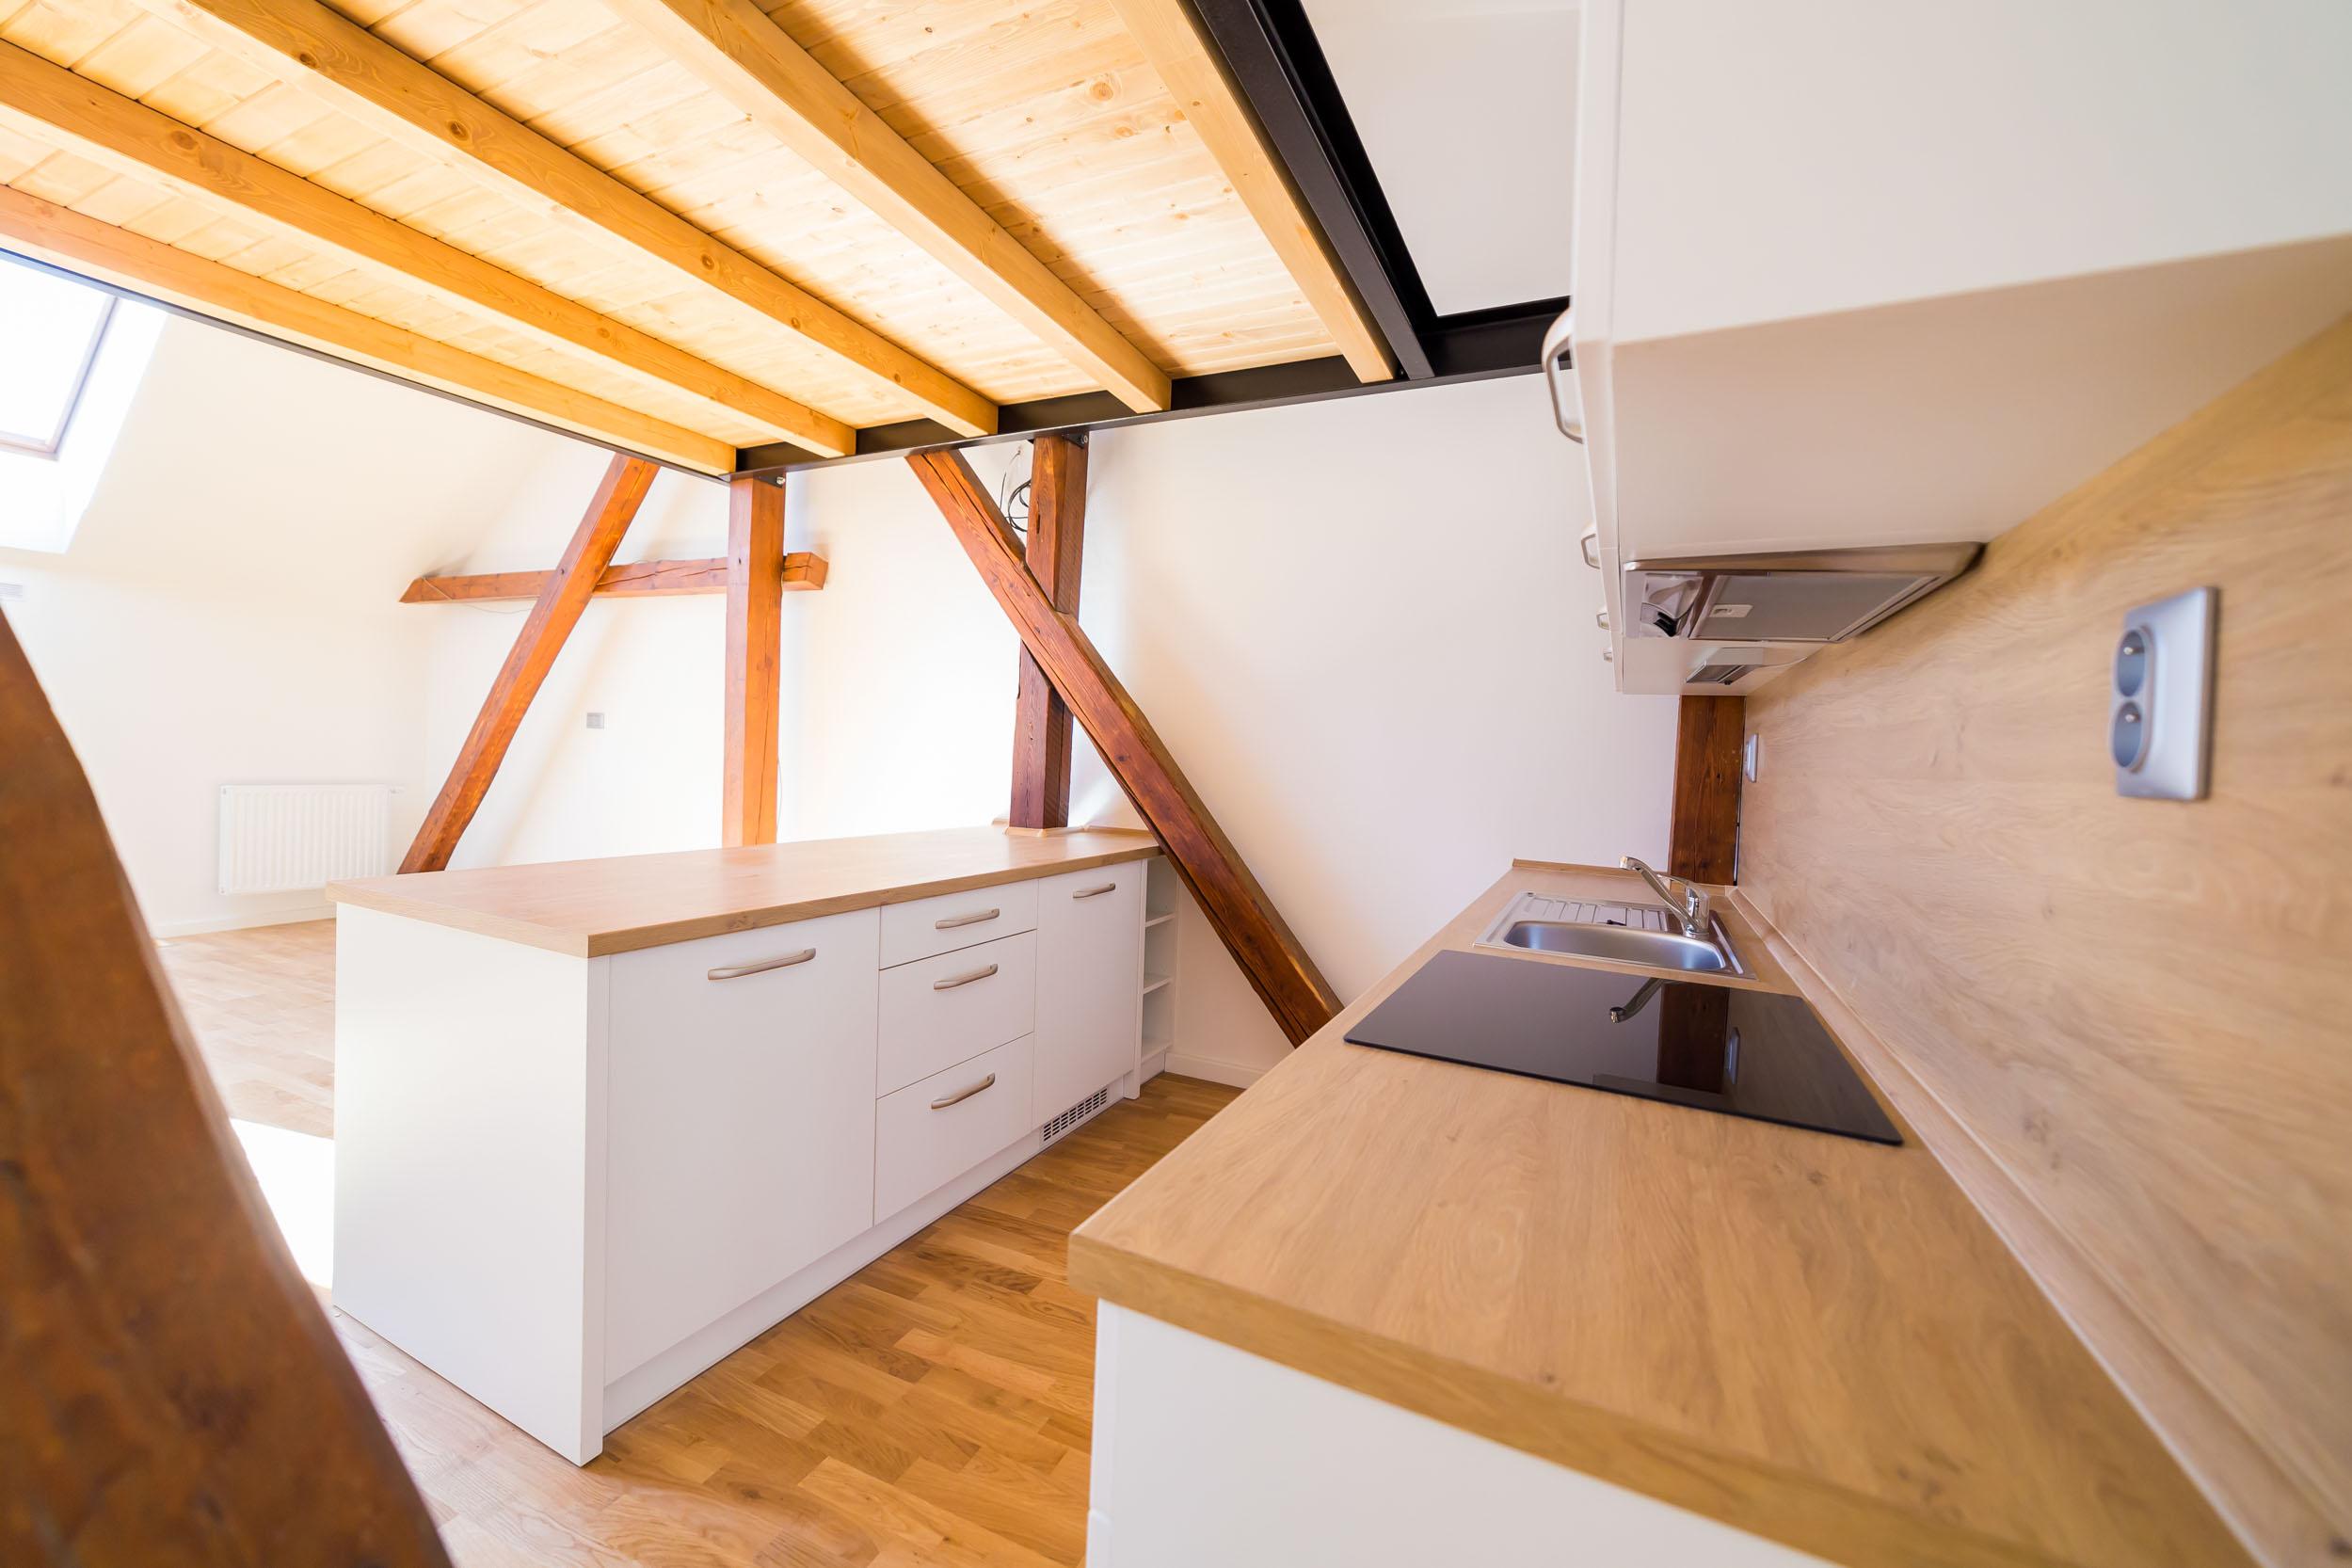 opava reality kuchynska linka mezonetovy byt zasuvka drez baterie tram stresni okno